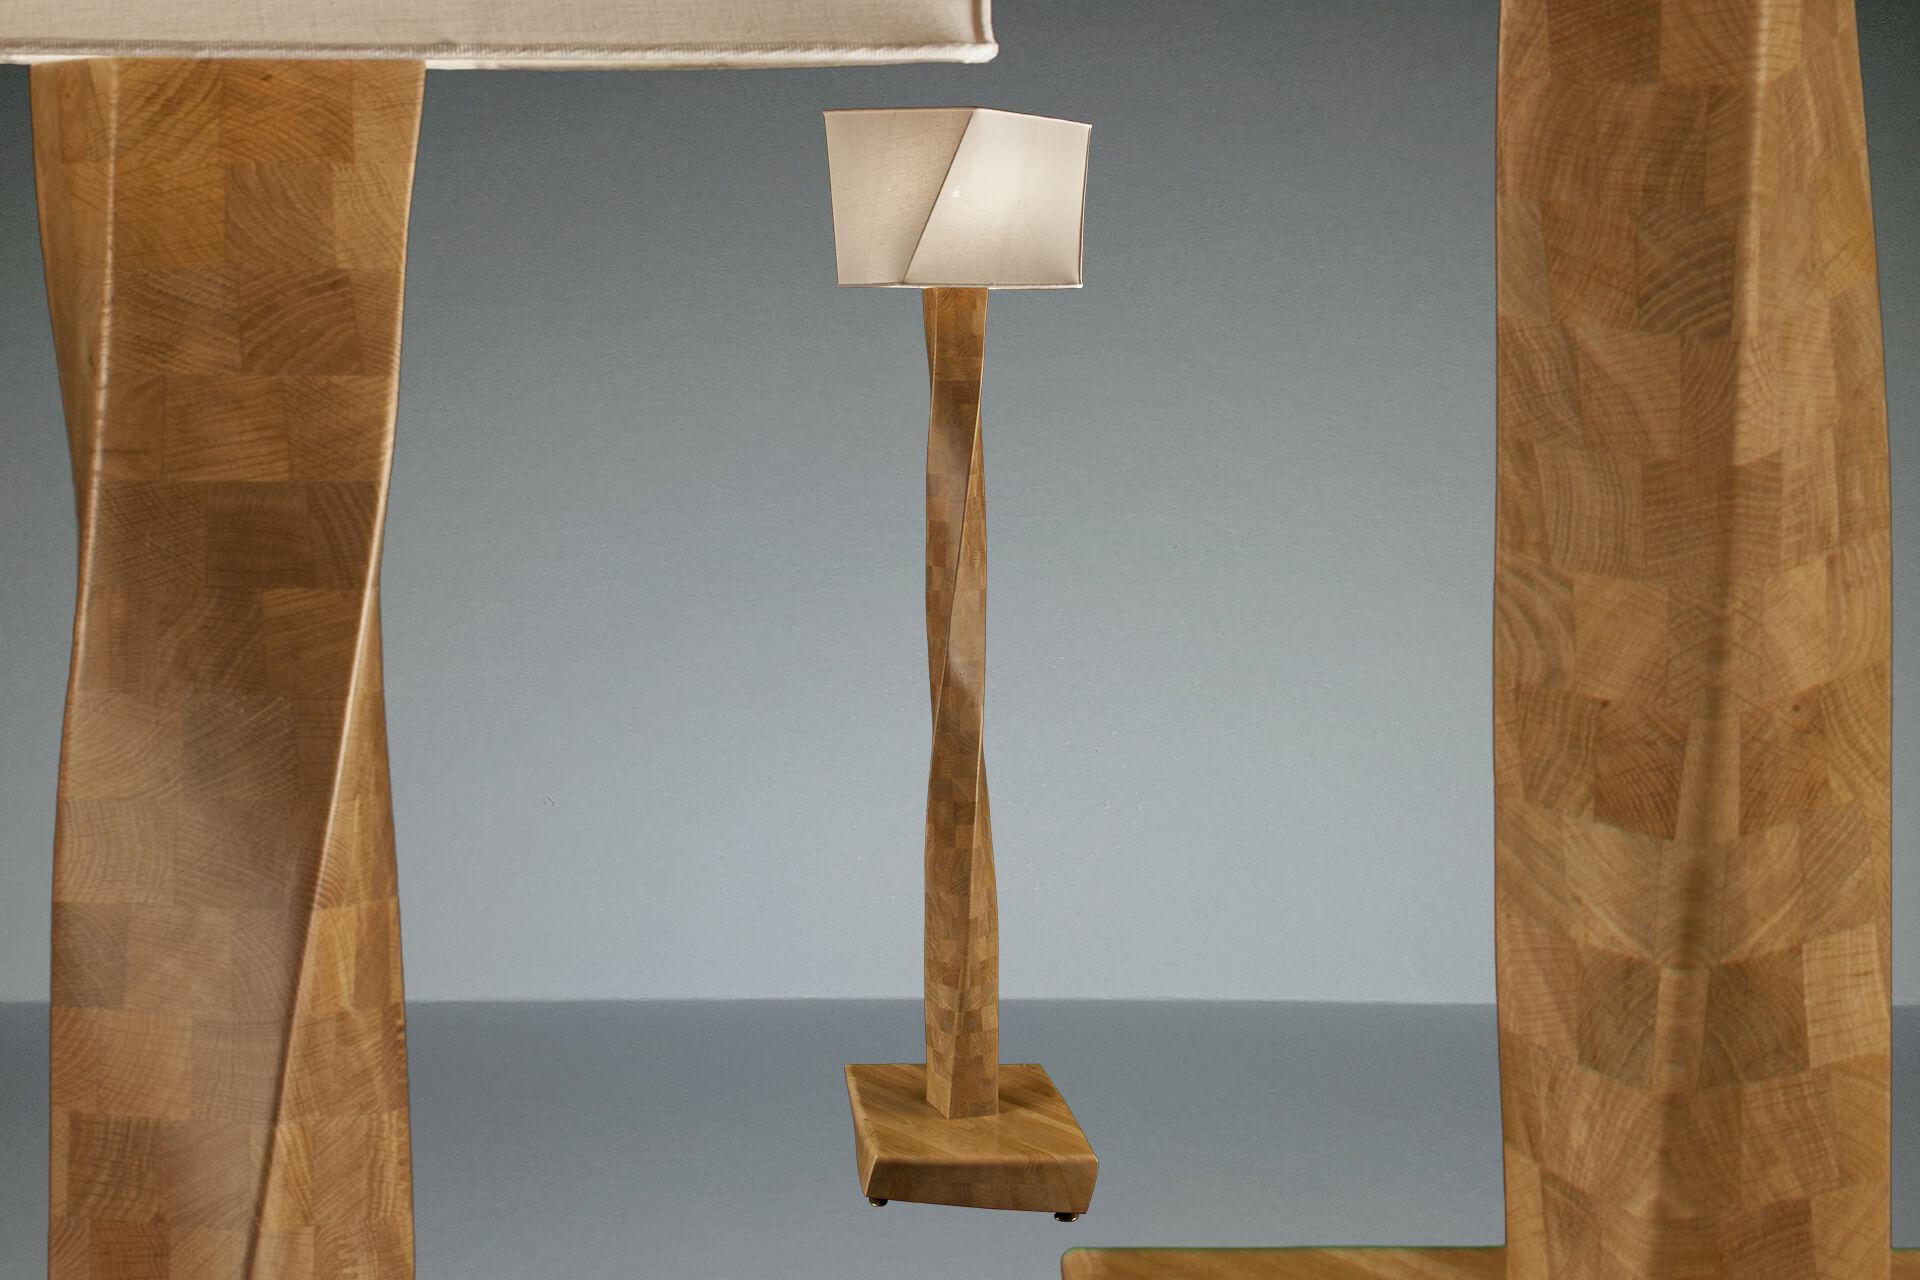 Lampada piantana cromata estensibile on popscreen